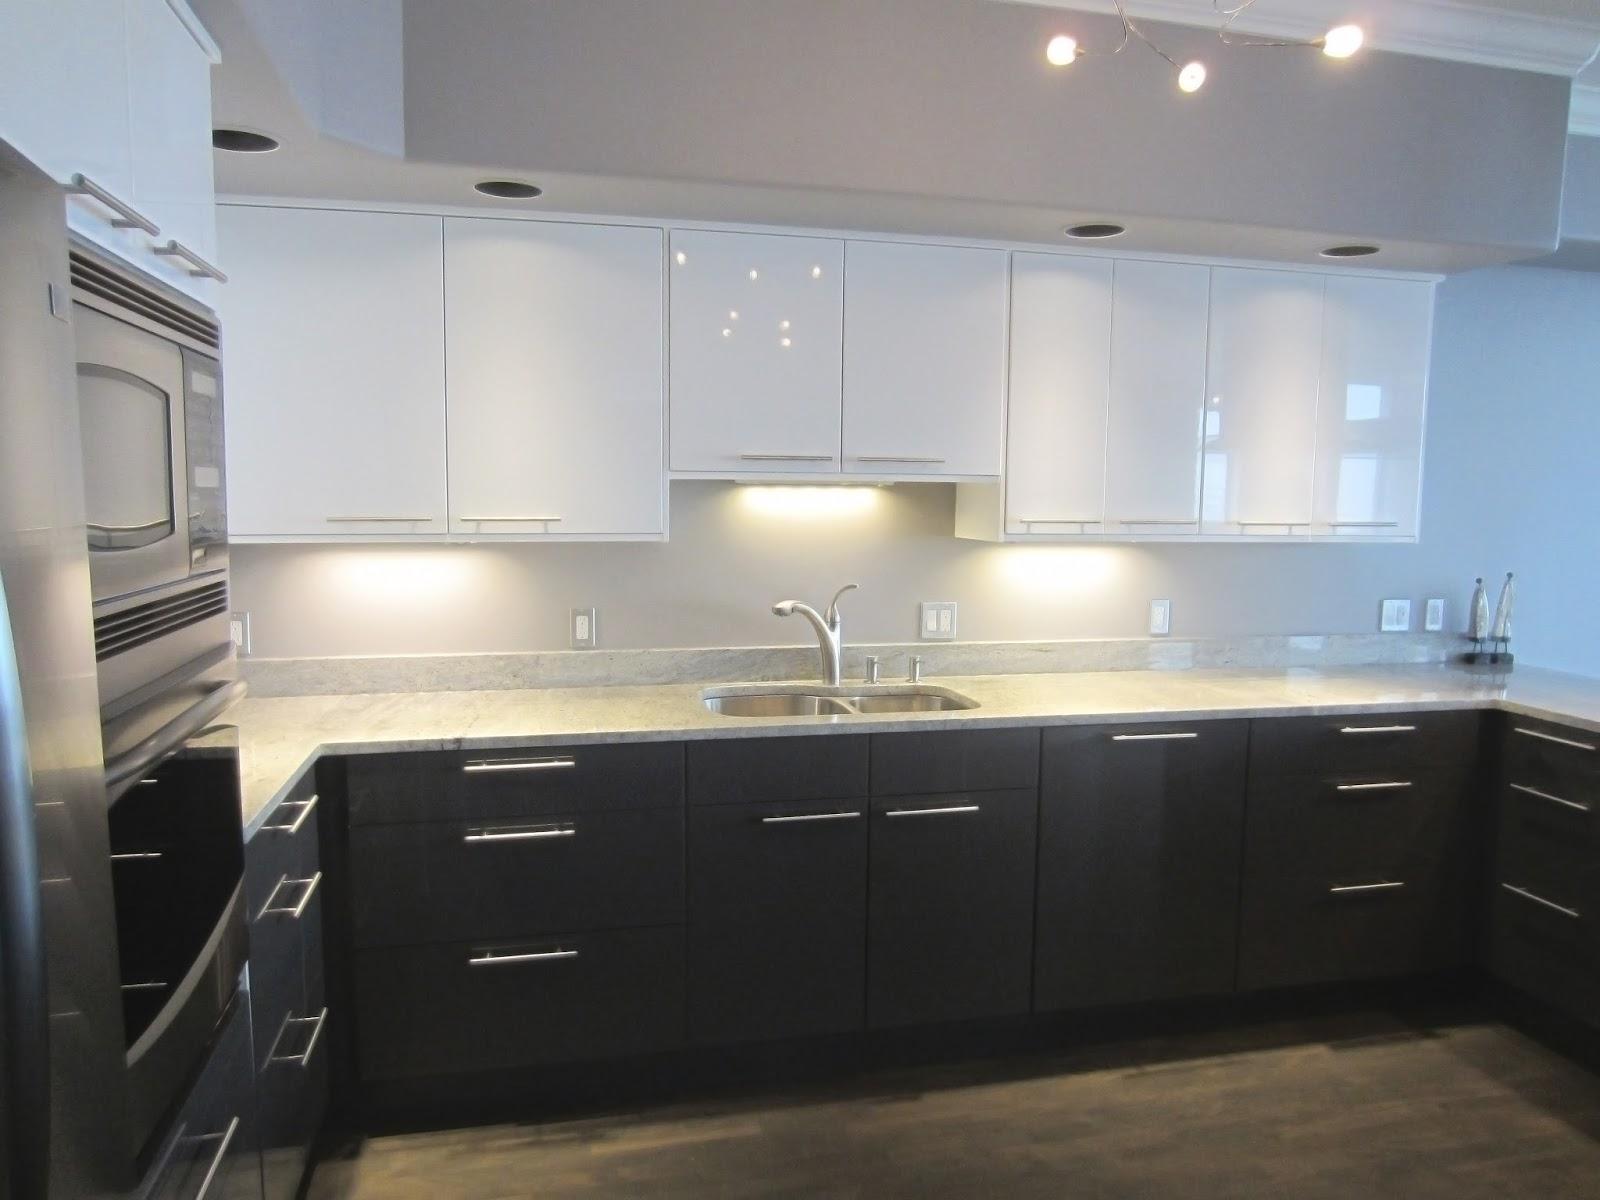 Ikea Kitchen Cabinets for Amazing Kitchen | Design In Kitchen